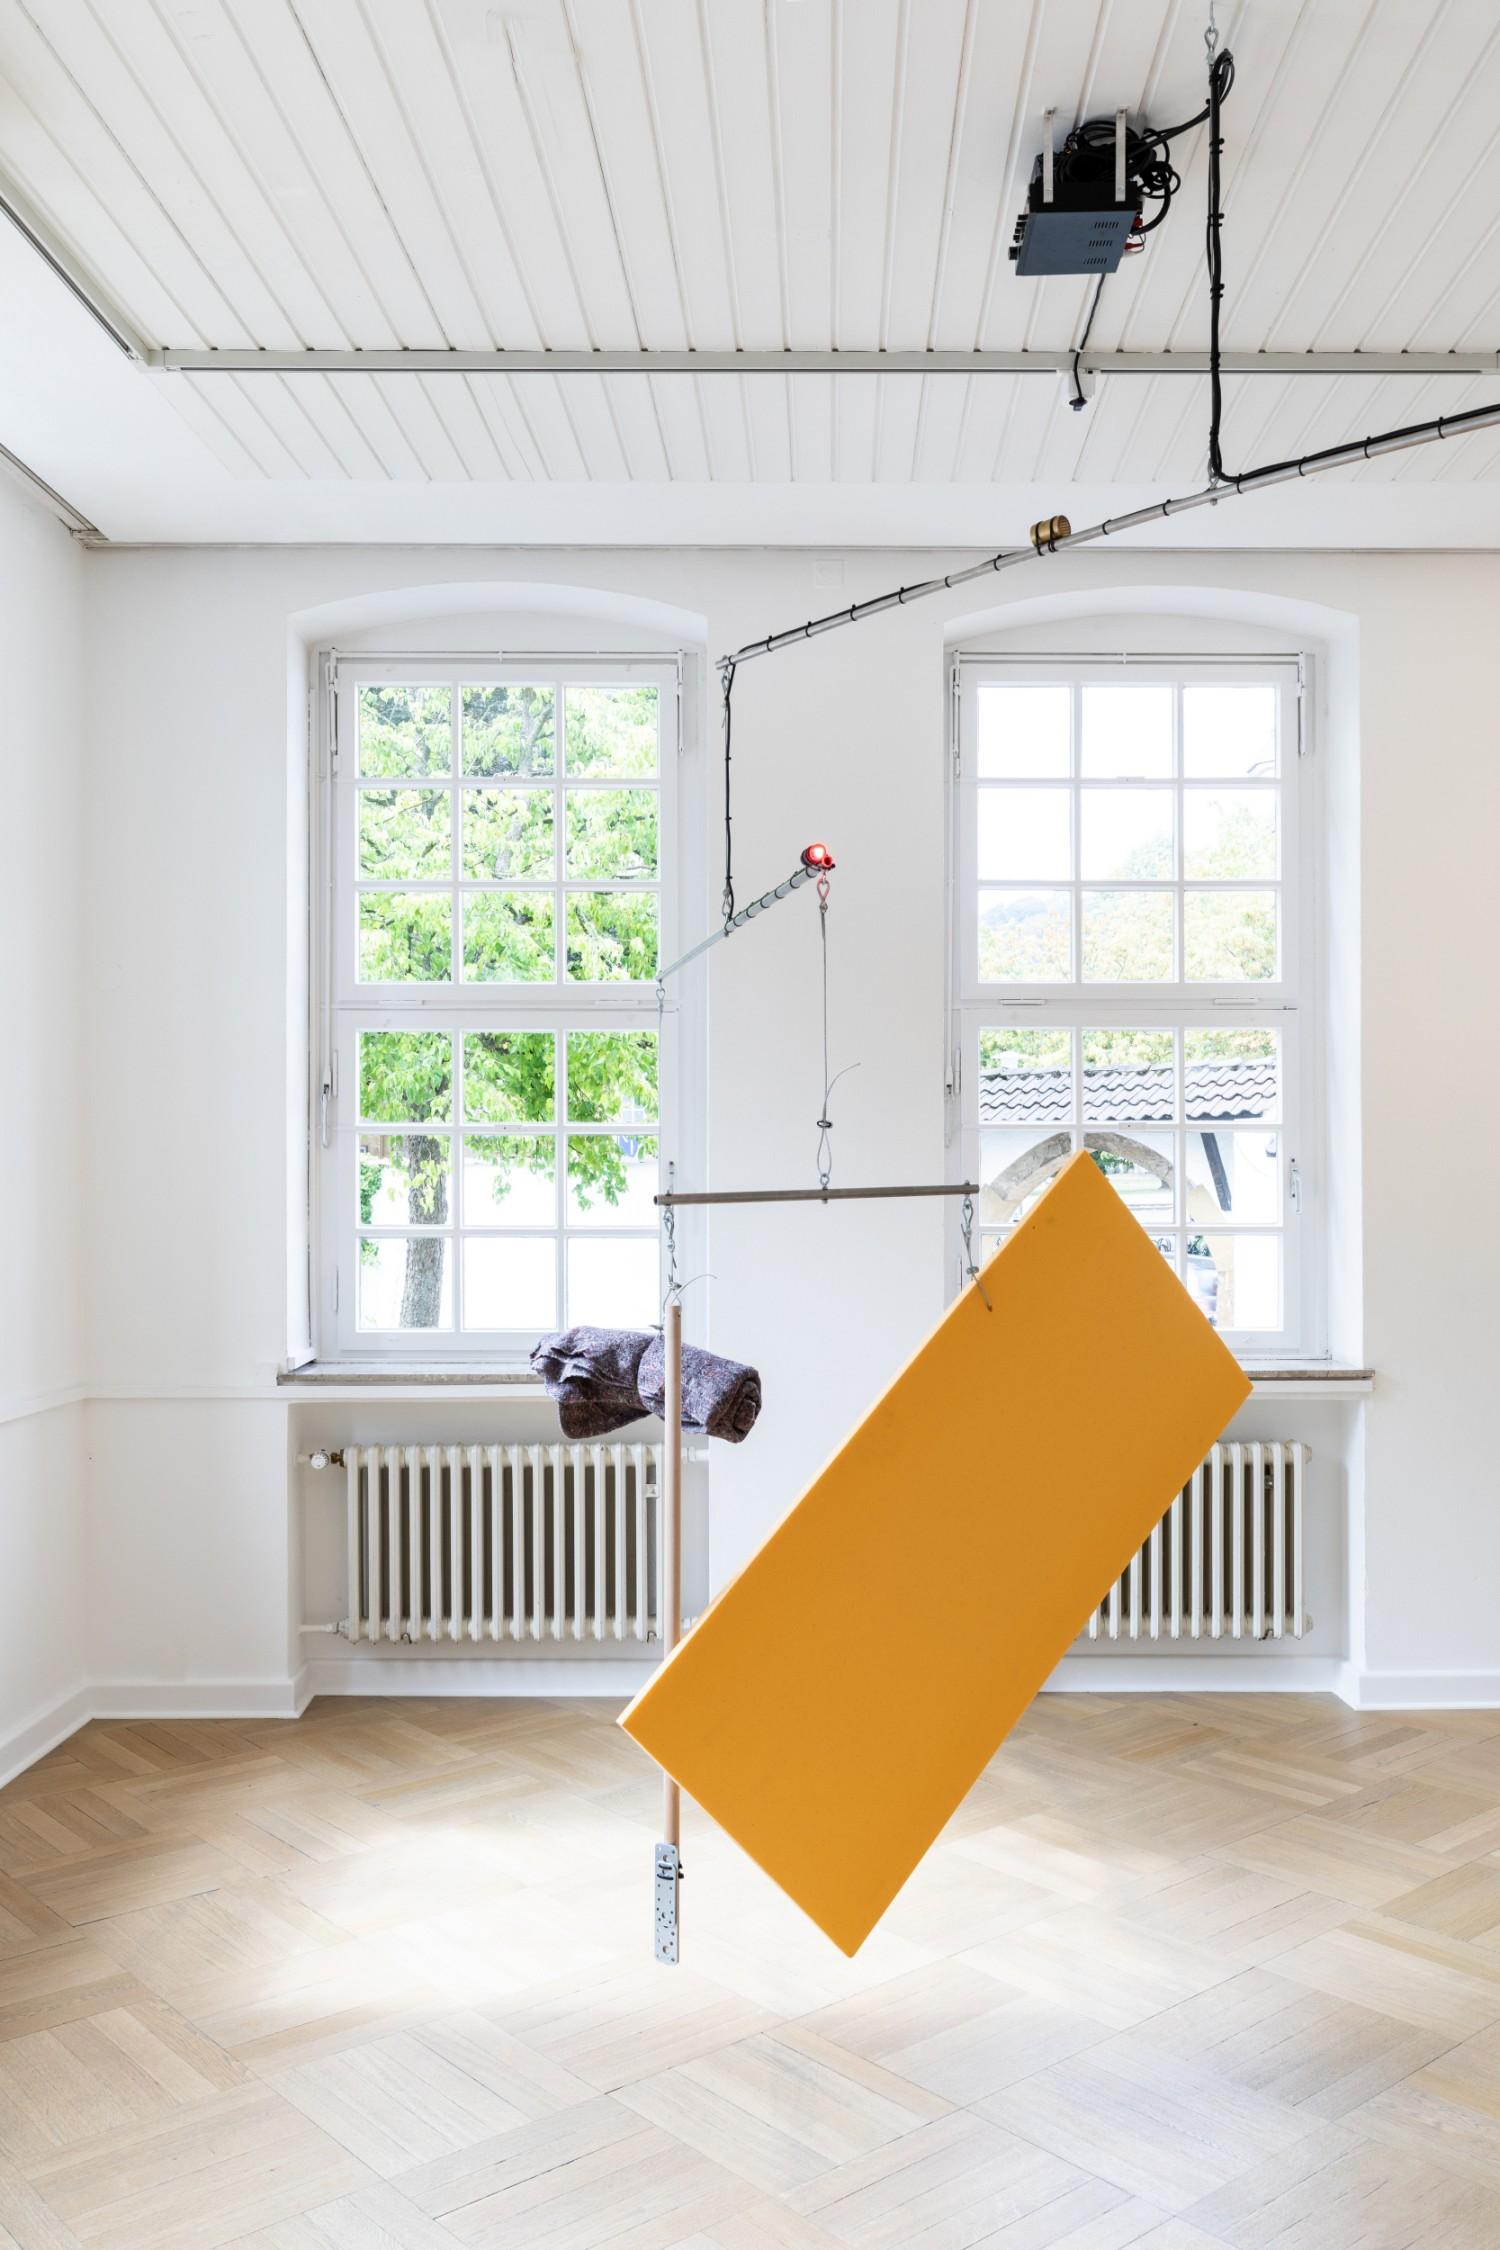 """Die Arbeit """"Horizon"""" ist ein kinetisches Objekt, das von Armin Lorenz Gerold komponierte Soundsequenzen abspielt."""